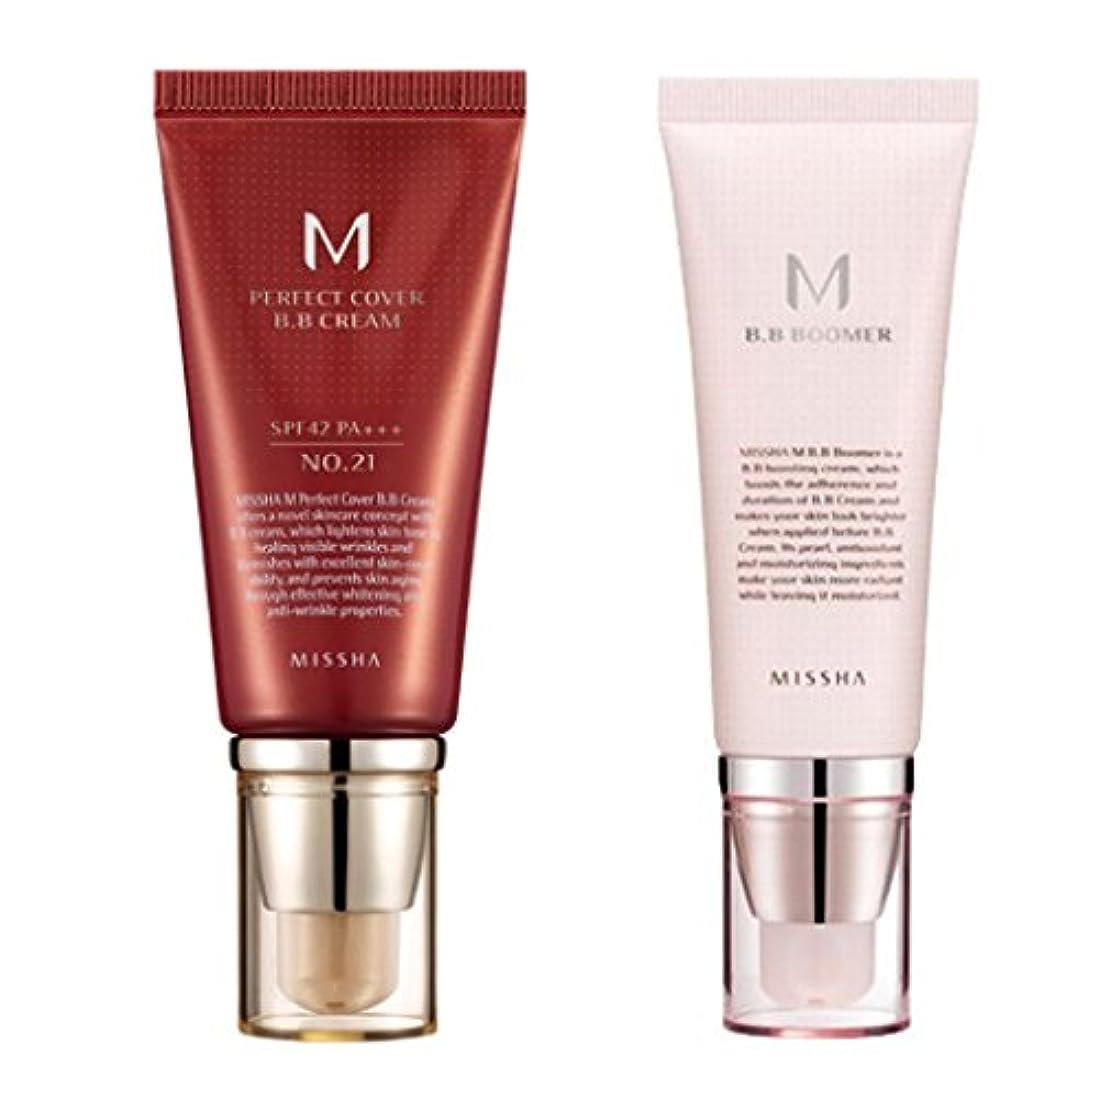 メロディアス収縮矩形ミシャ(MISSHA) M パーフェクトカバー BBクリーム 23号(ナチュラルベージュ) + M BBブーマー